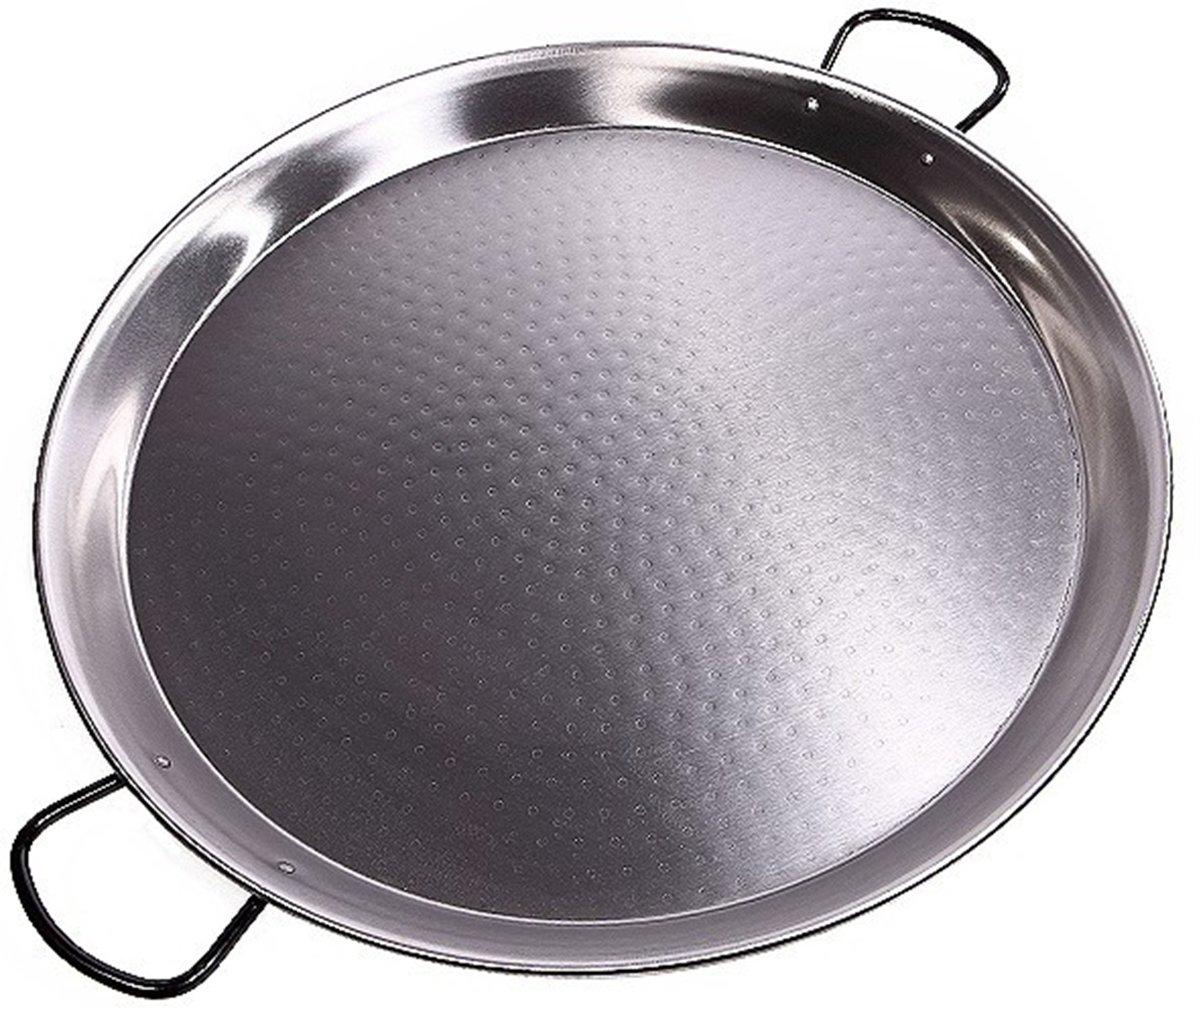 Kookpunt lage paellapan 65cm plaatstaal grijs